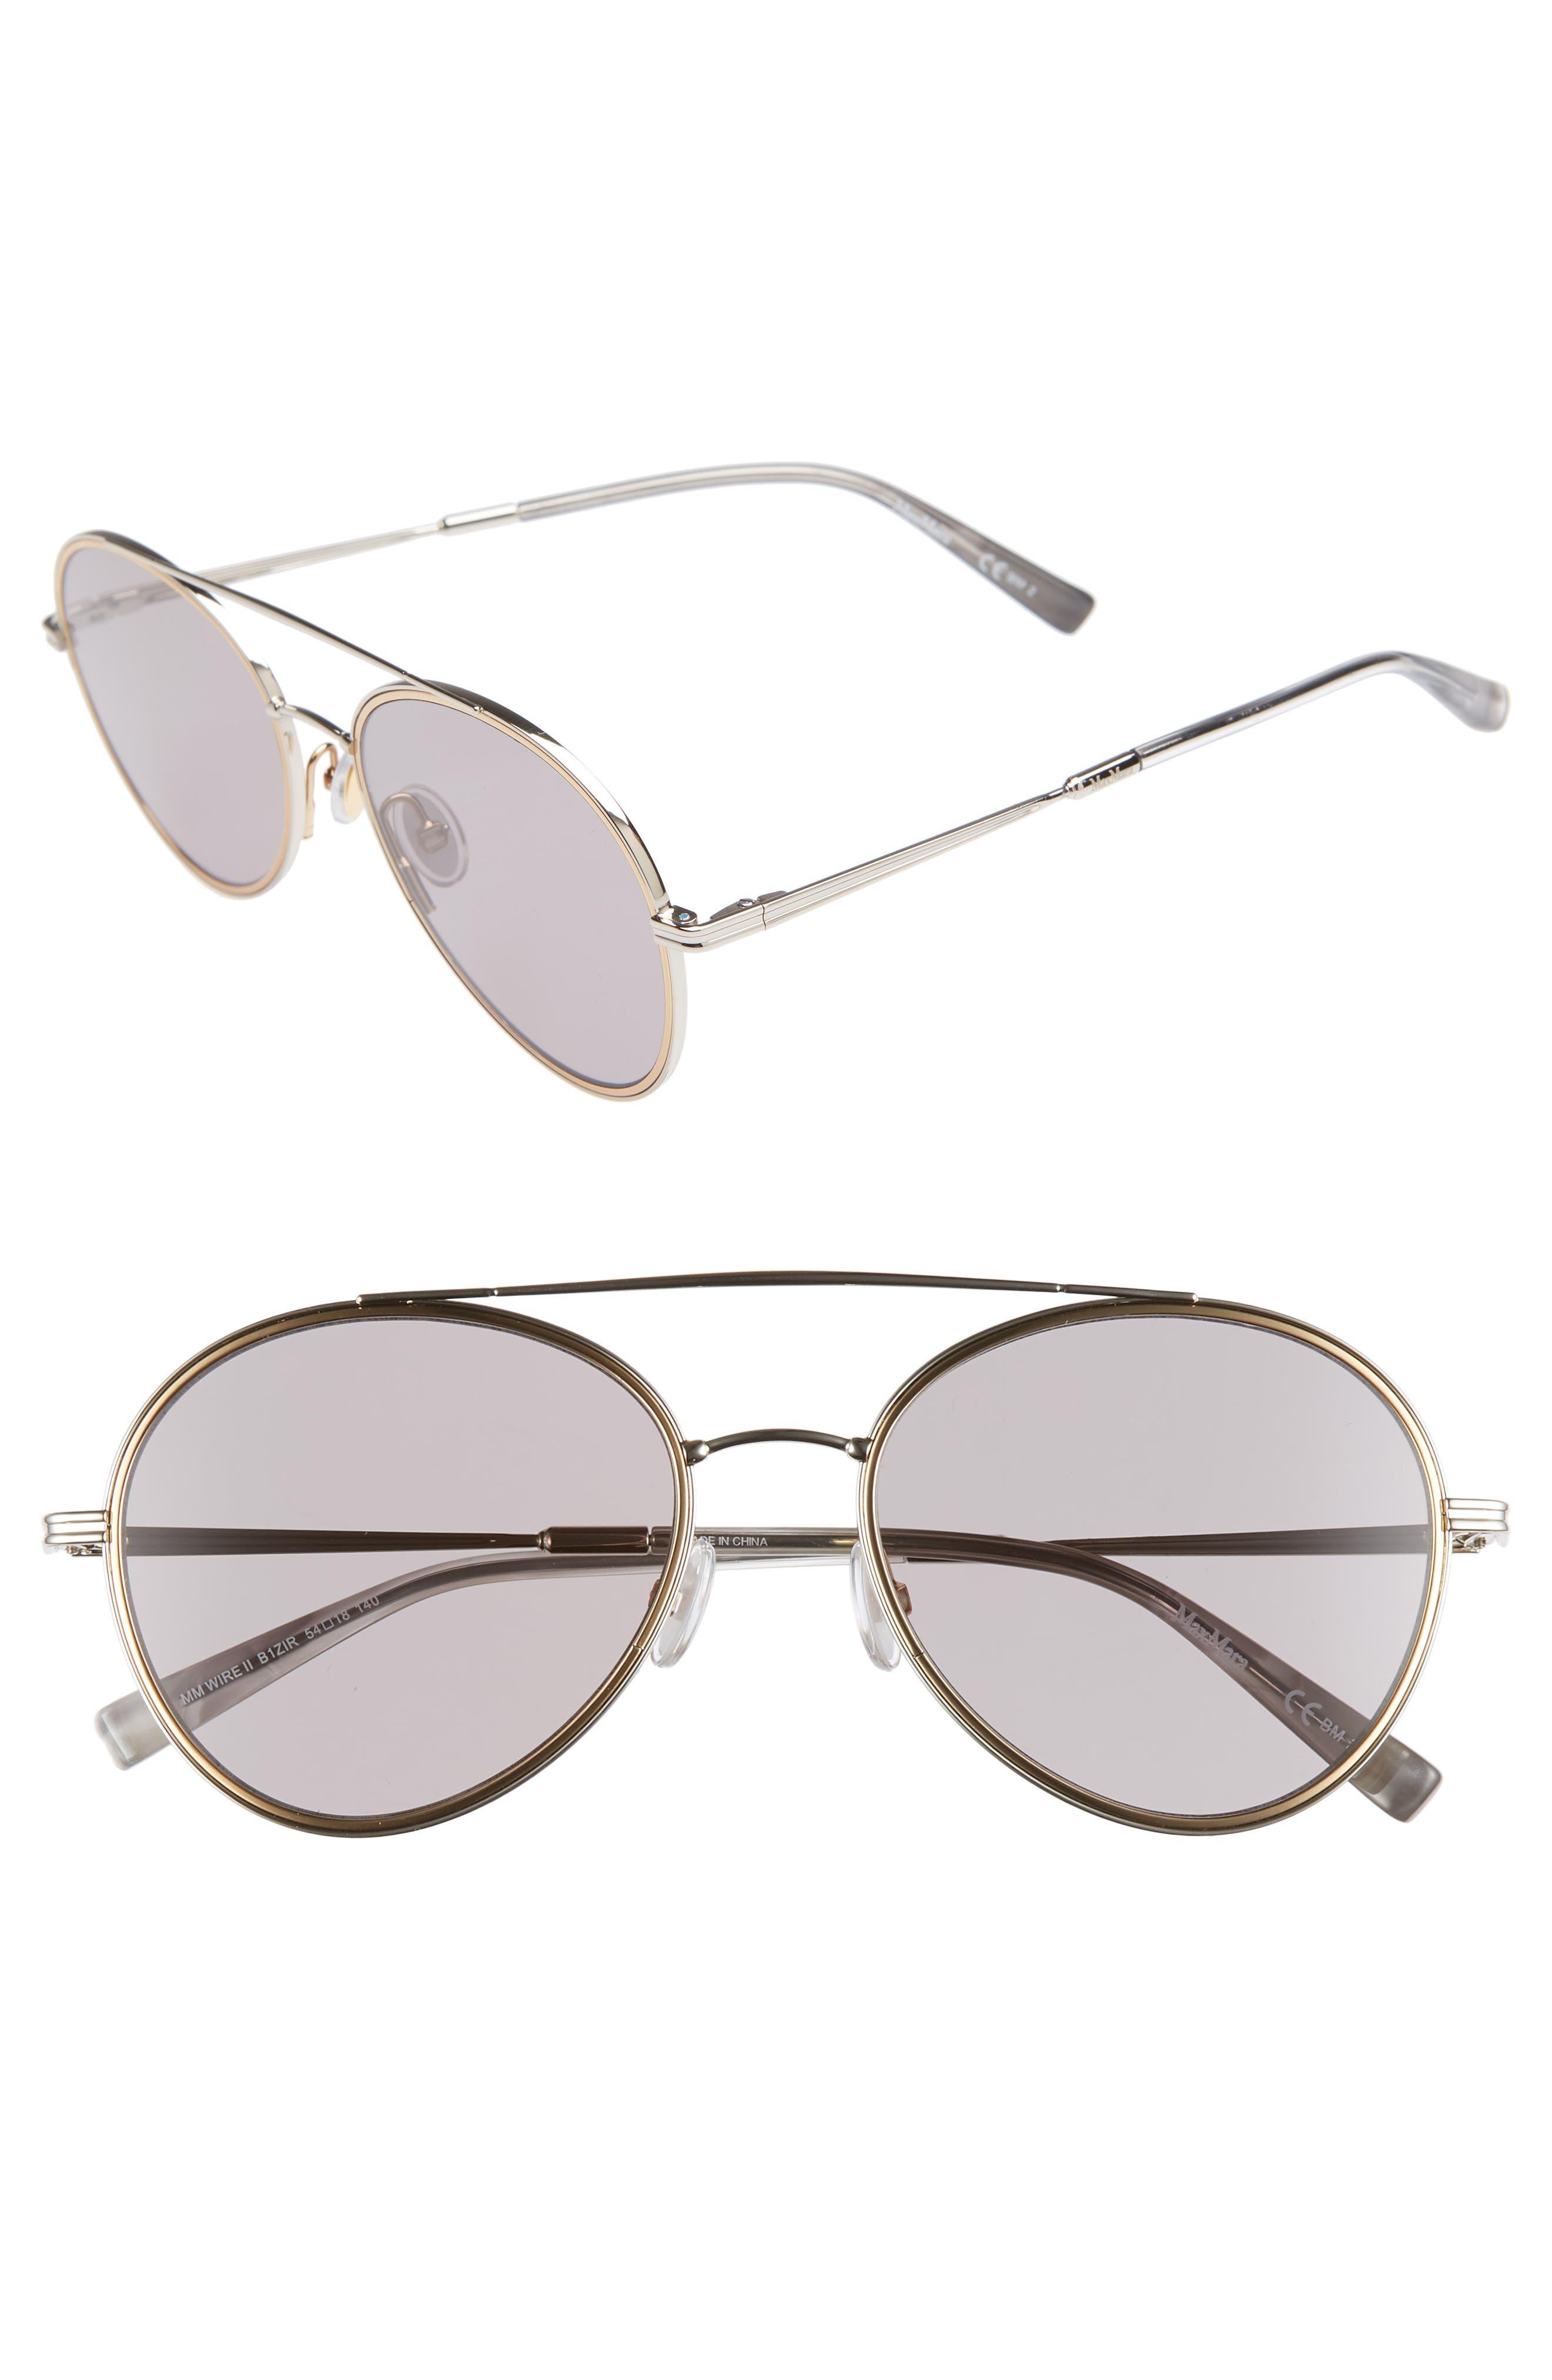 Wire II 54mm Aviator Sunglasses, Main, color, SILVER